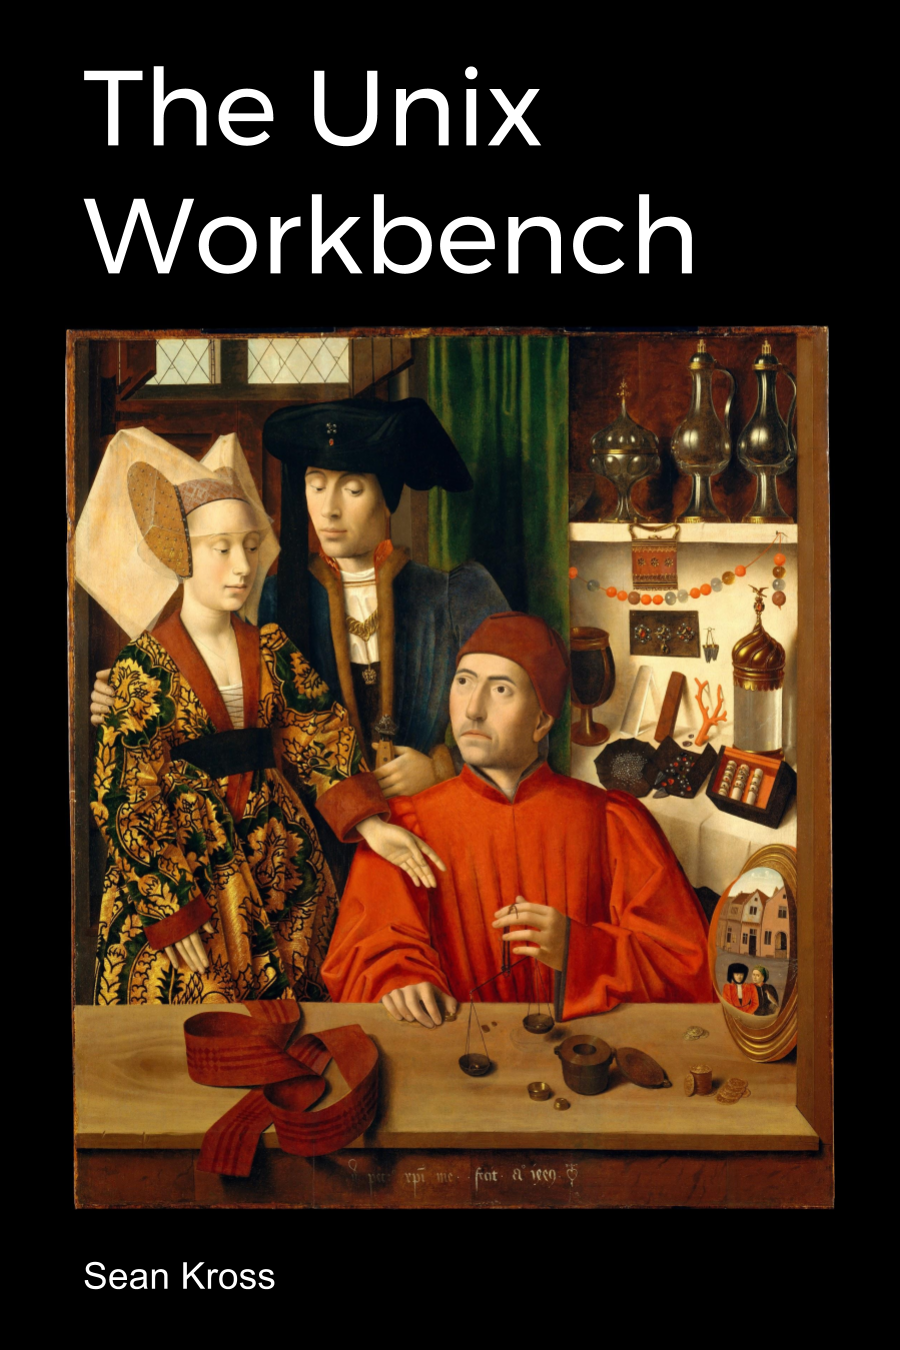 The Unix Workbench